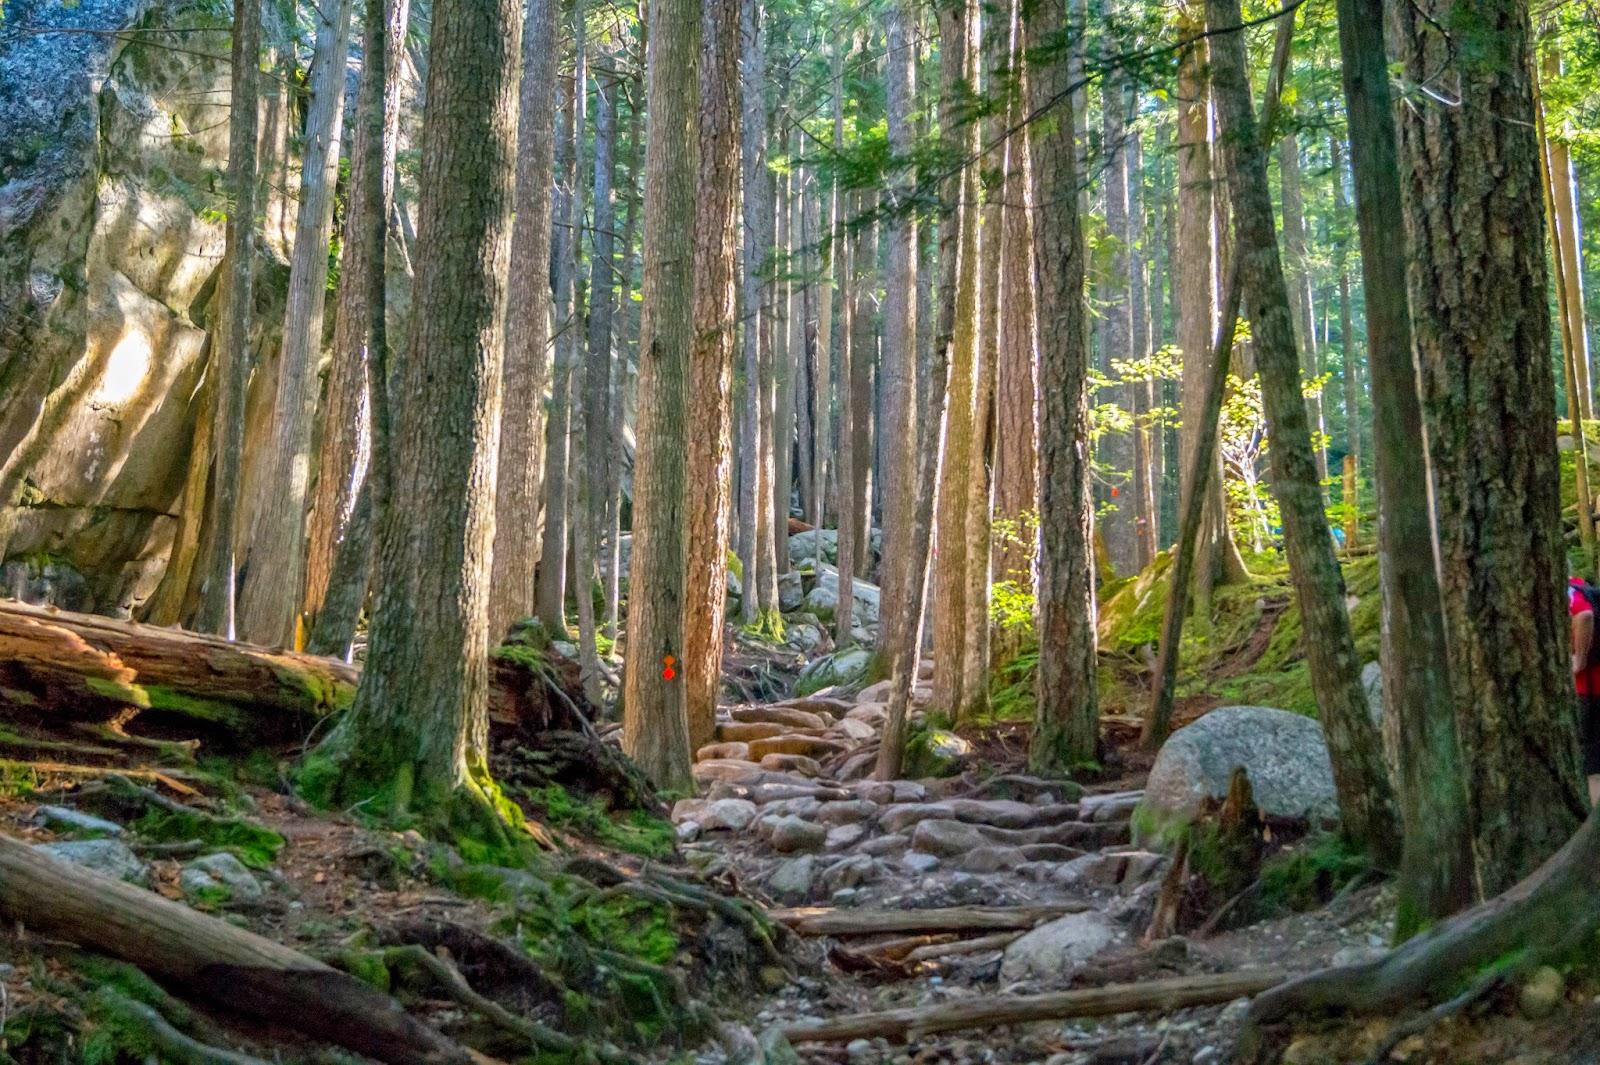 К середине пути лучи утреннего солнца добрались до нашей тропы, окрасив горный лес в яркие цвета.